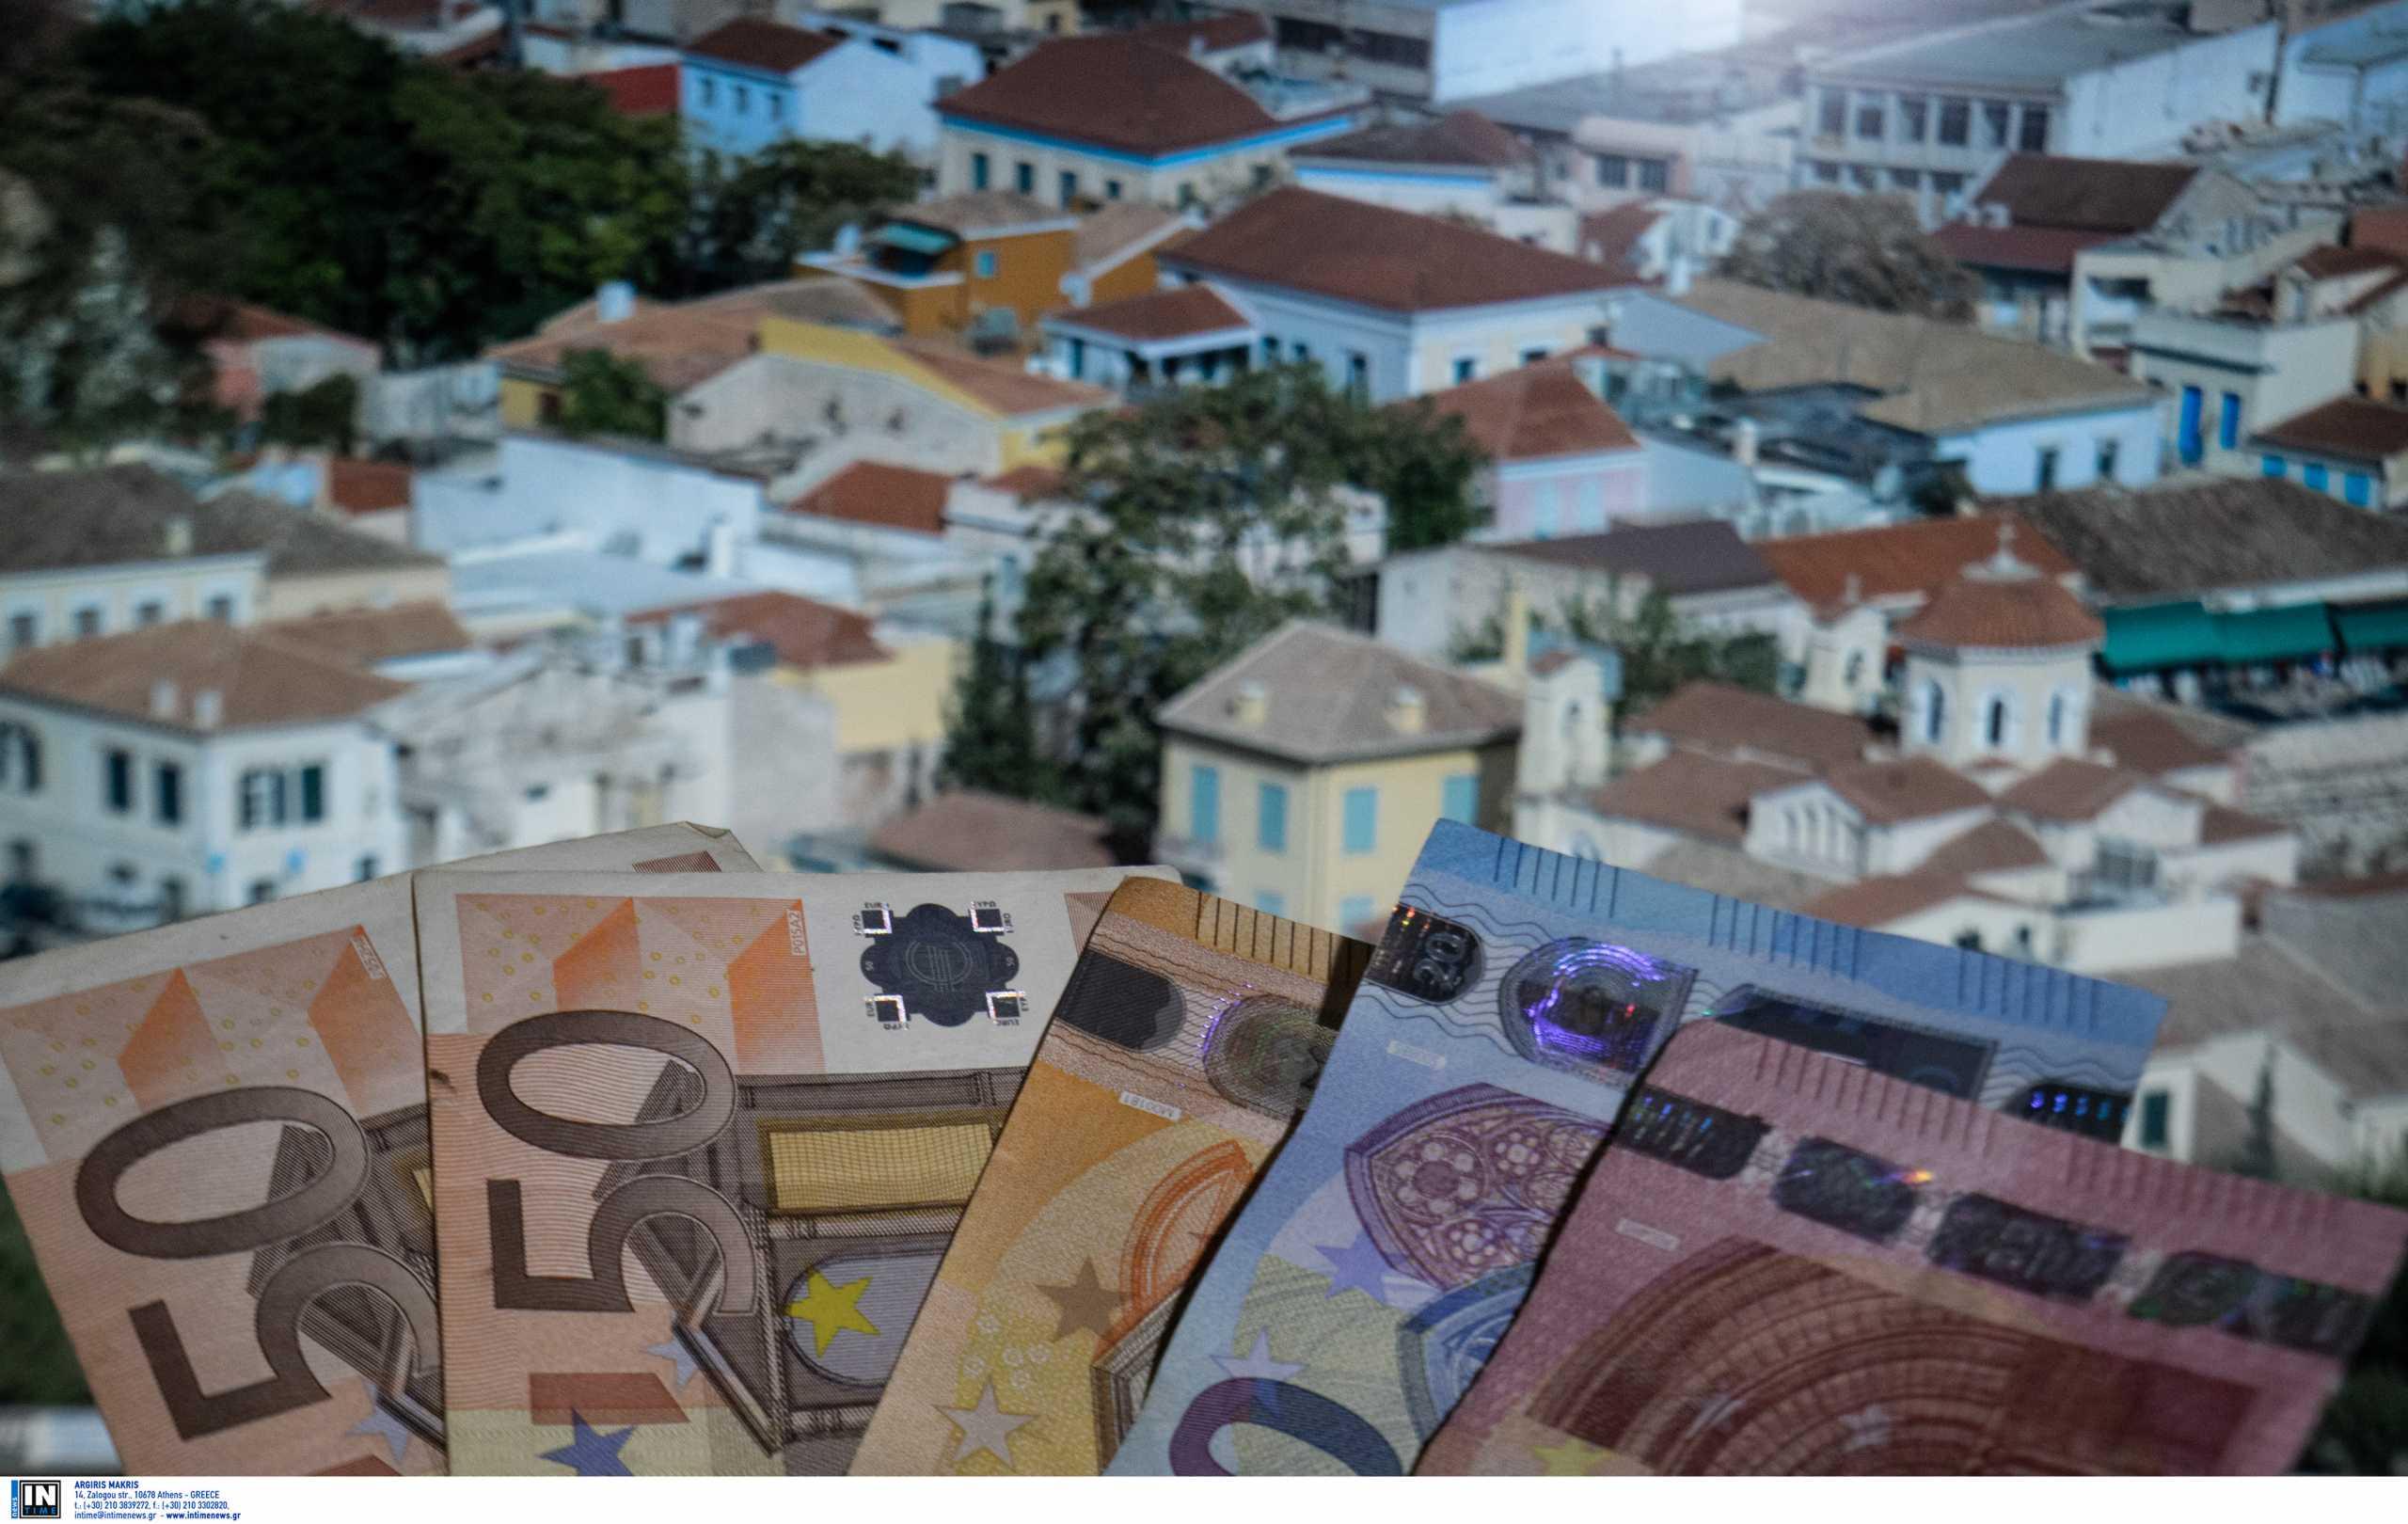 ΕΝΦΙΑ 2021: Ποιοι θα πληρώσουν 50% λιγότερο και ποιοι έχουν πλήρη απαλλαγή